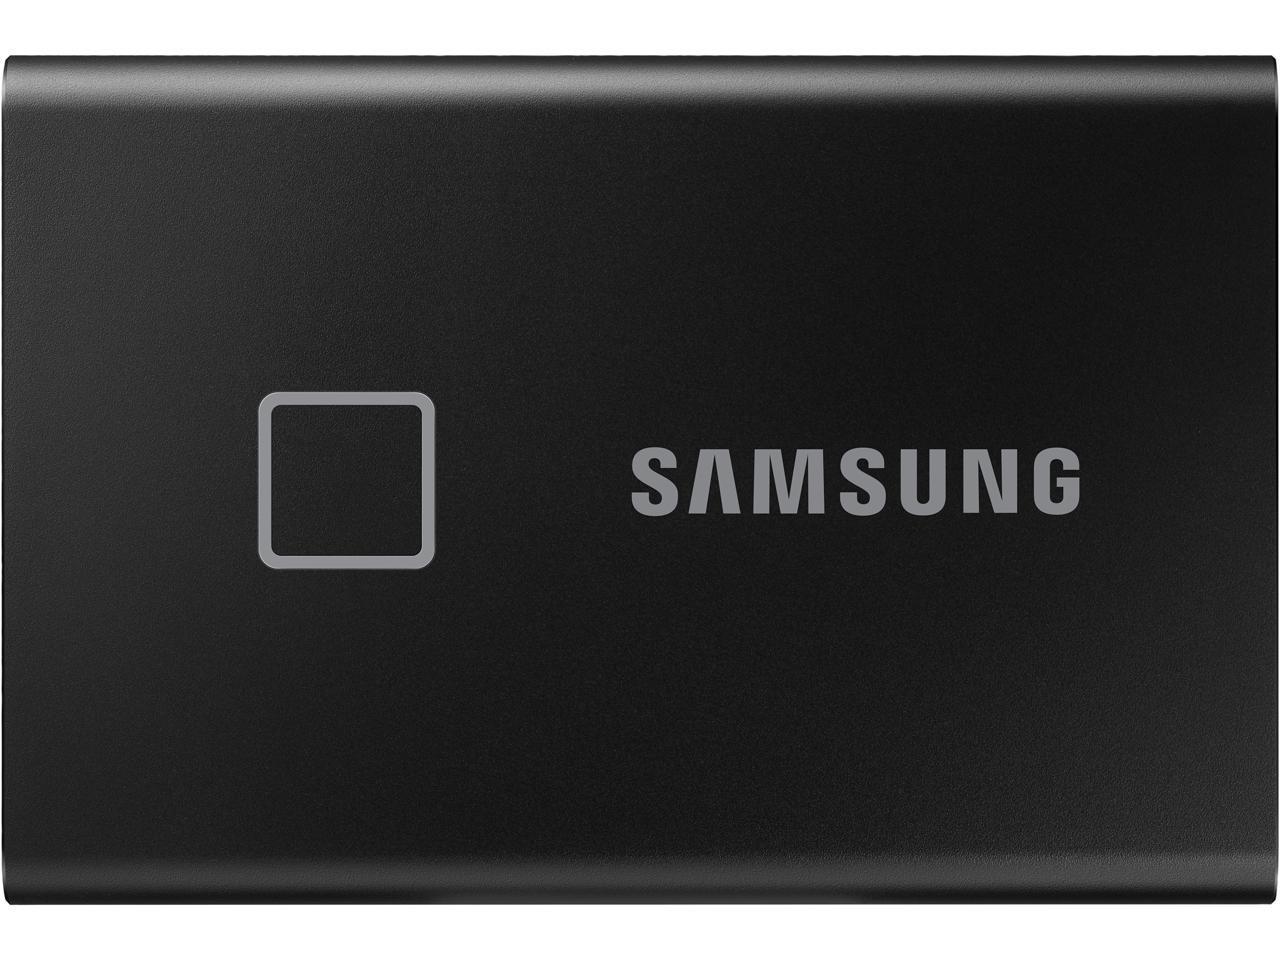 Newegg: 15% off Select External SSDs after Promo Code AFFEWSU22 + FS